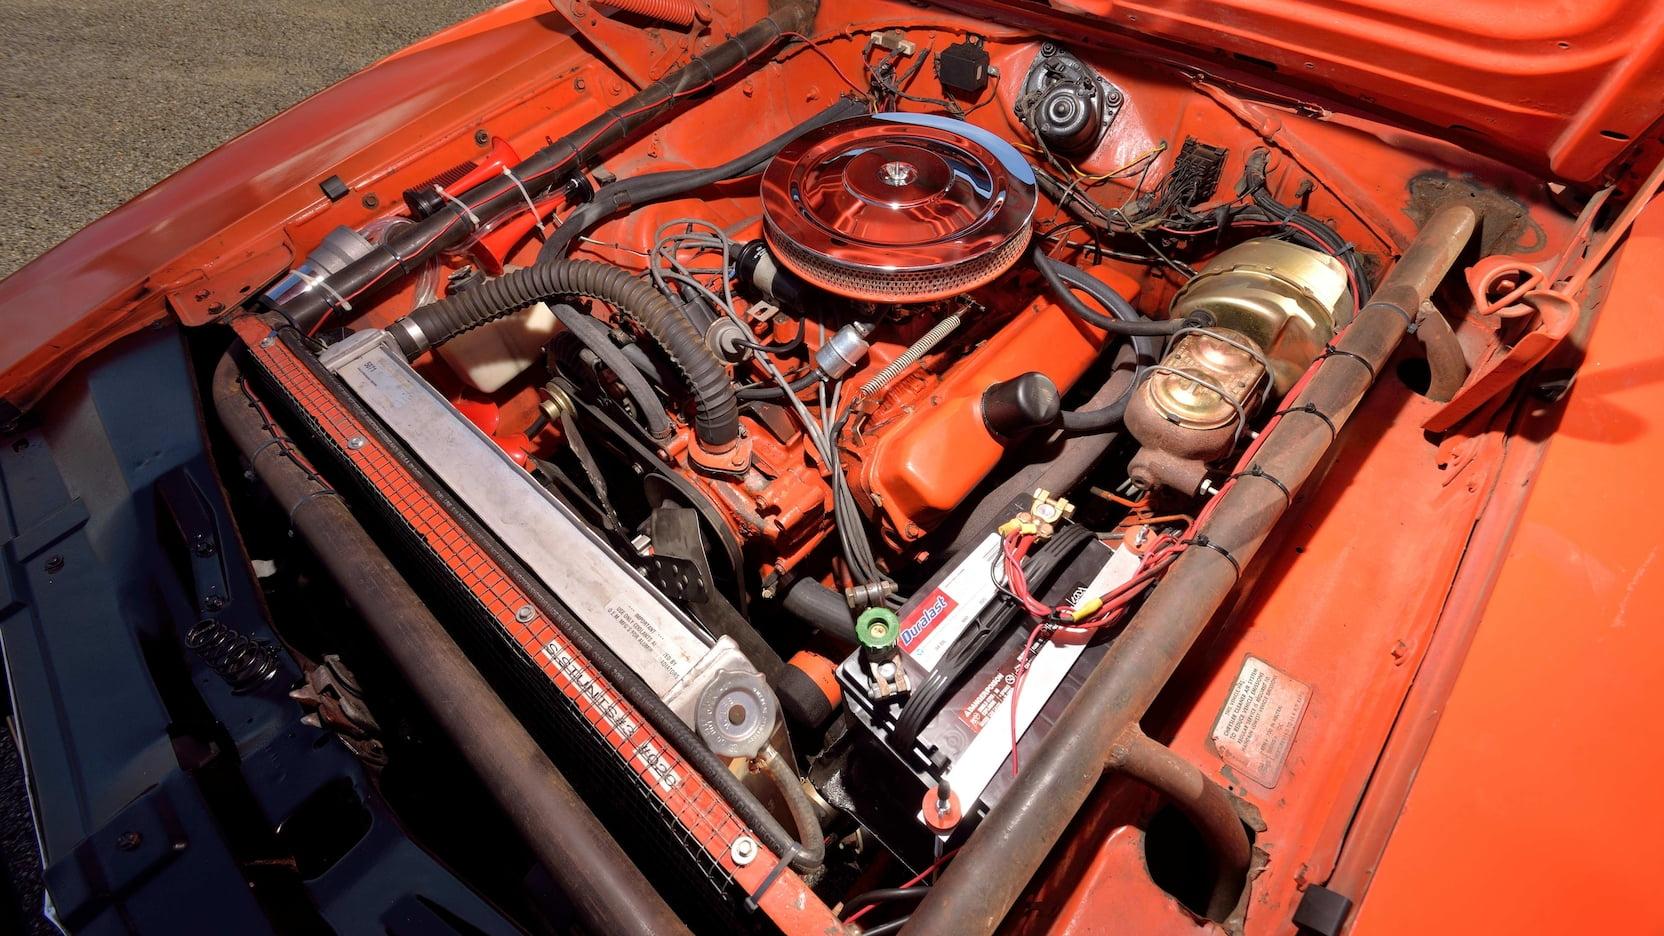 1969 Dodge Charger General Lee Stunt Car engine